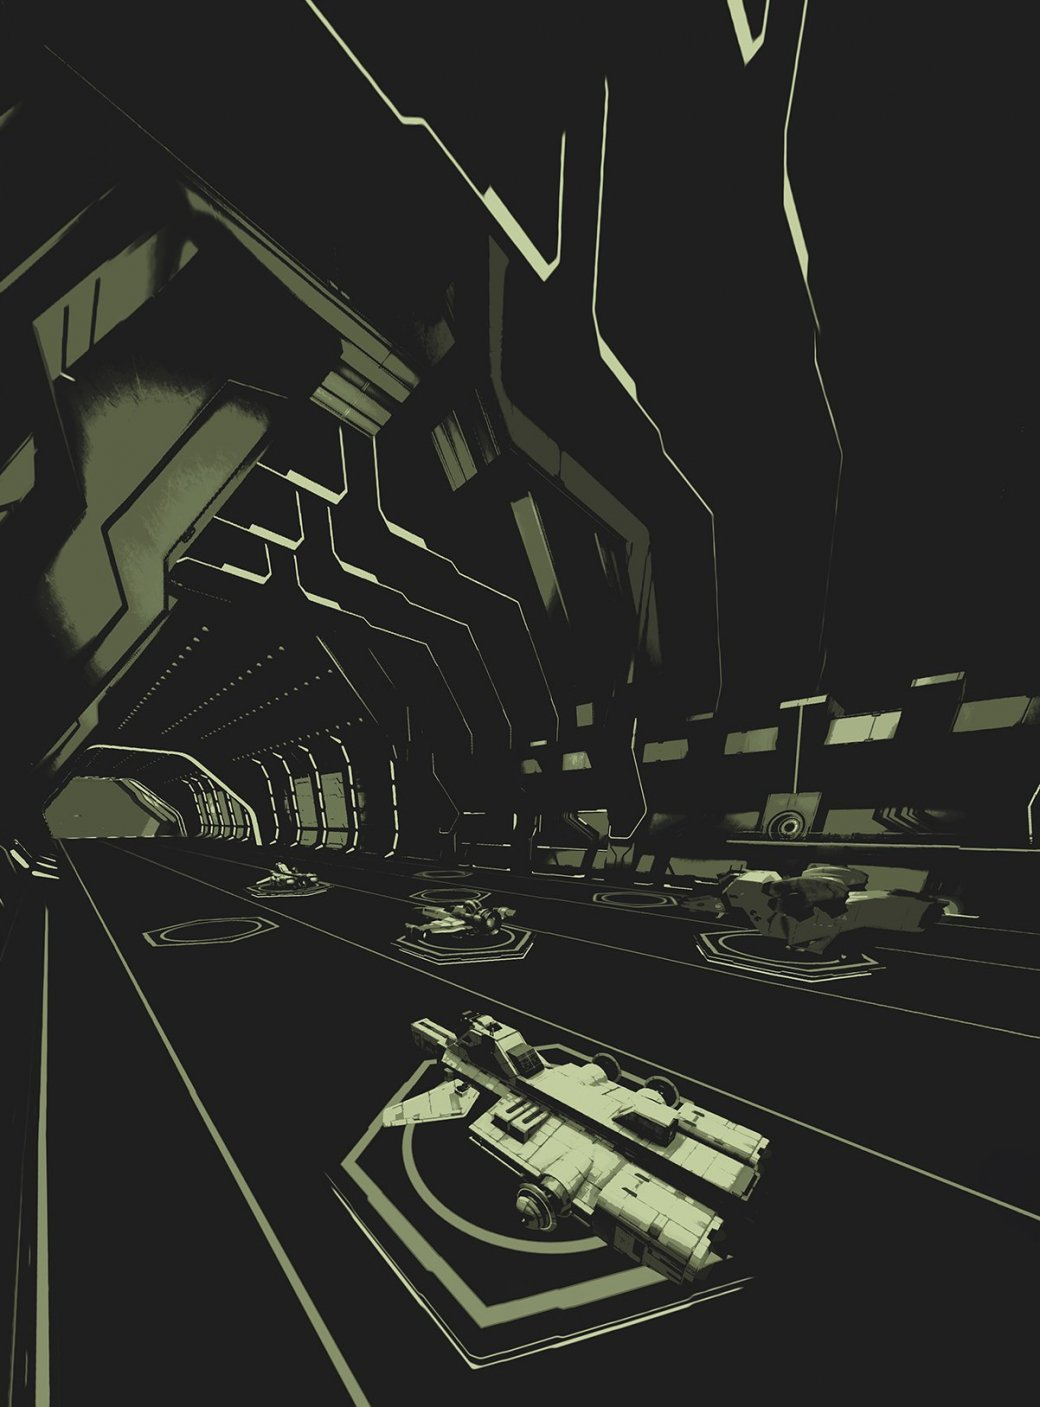 Коллекция потрясающих скриншотов NoMan's Sky, созданных вфоторежиме - Изображение 38